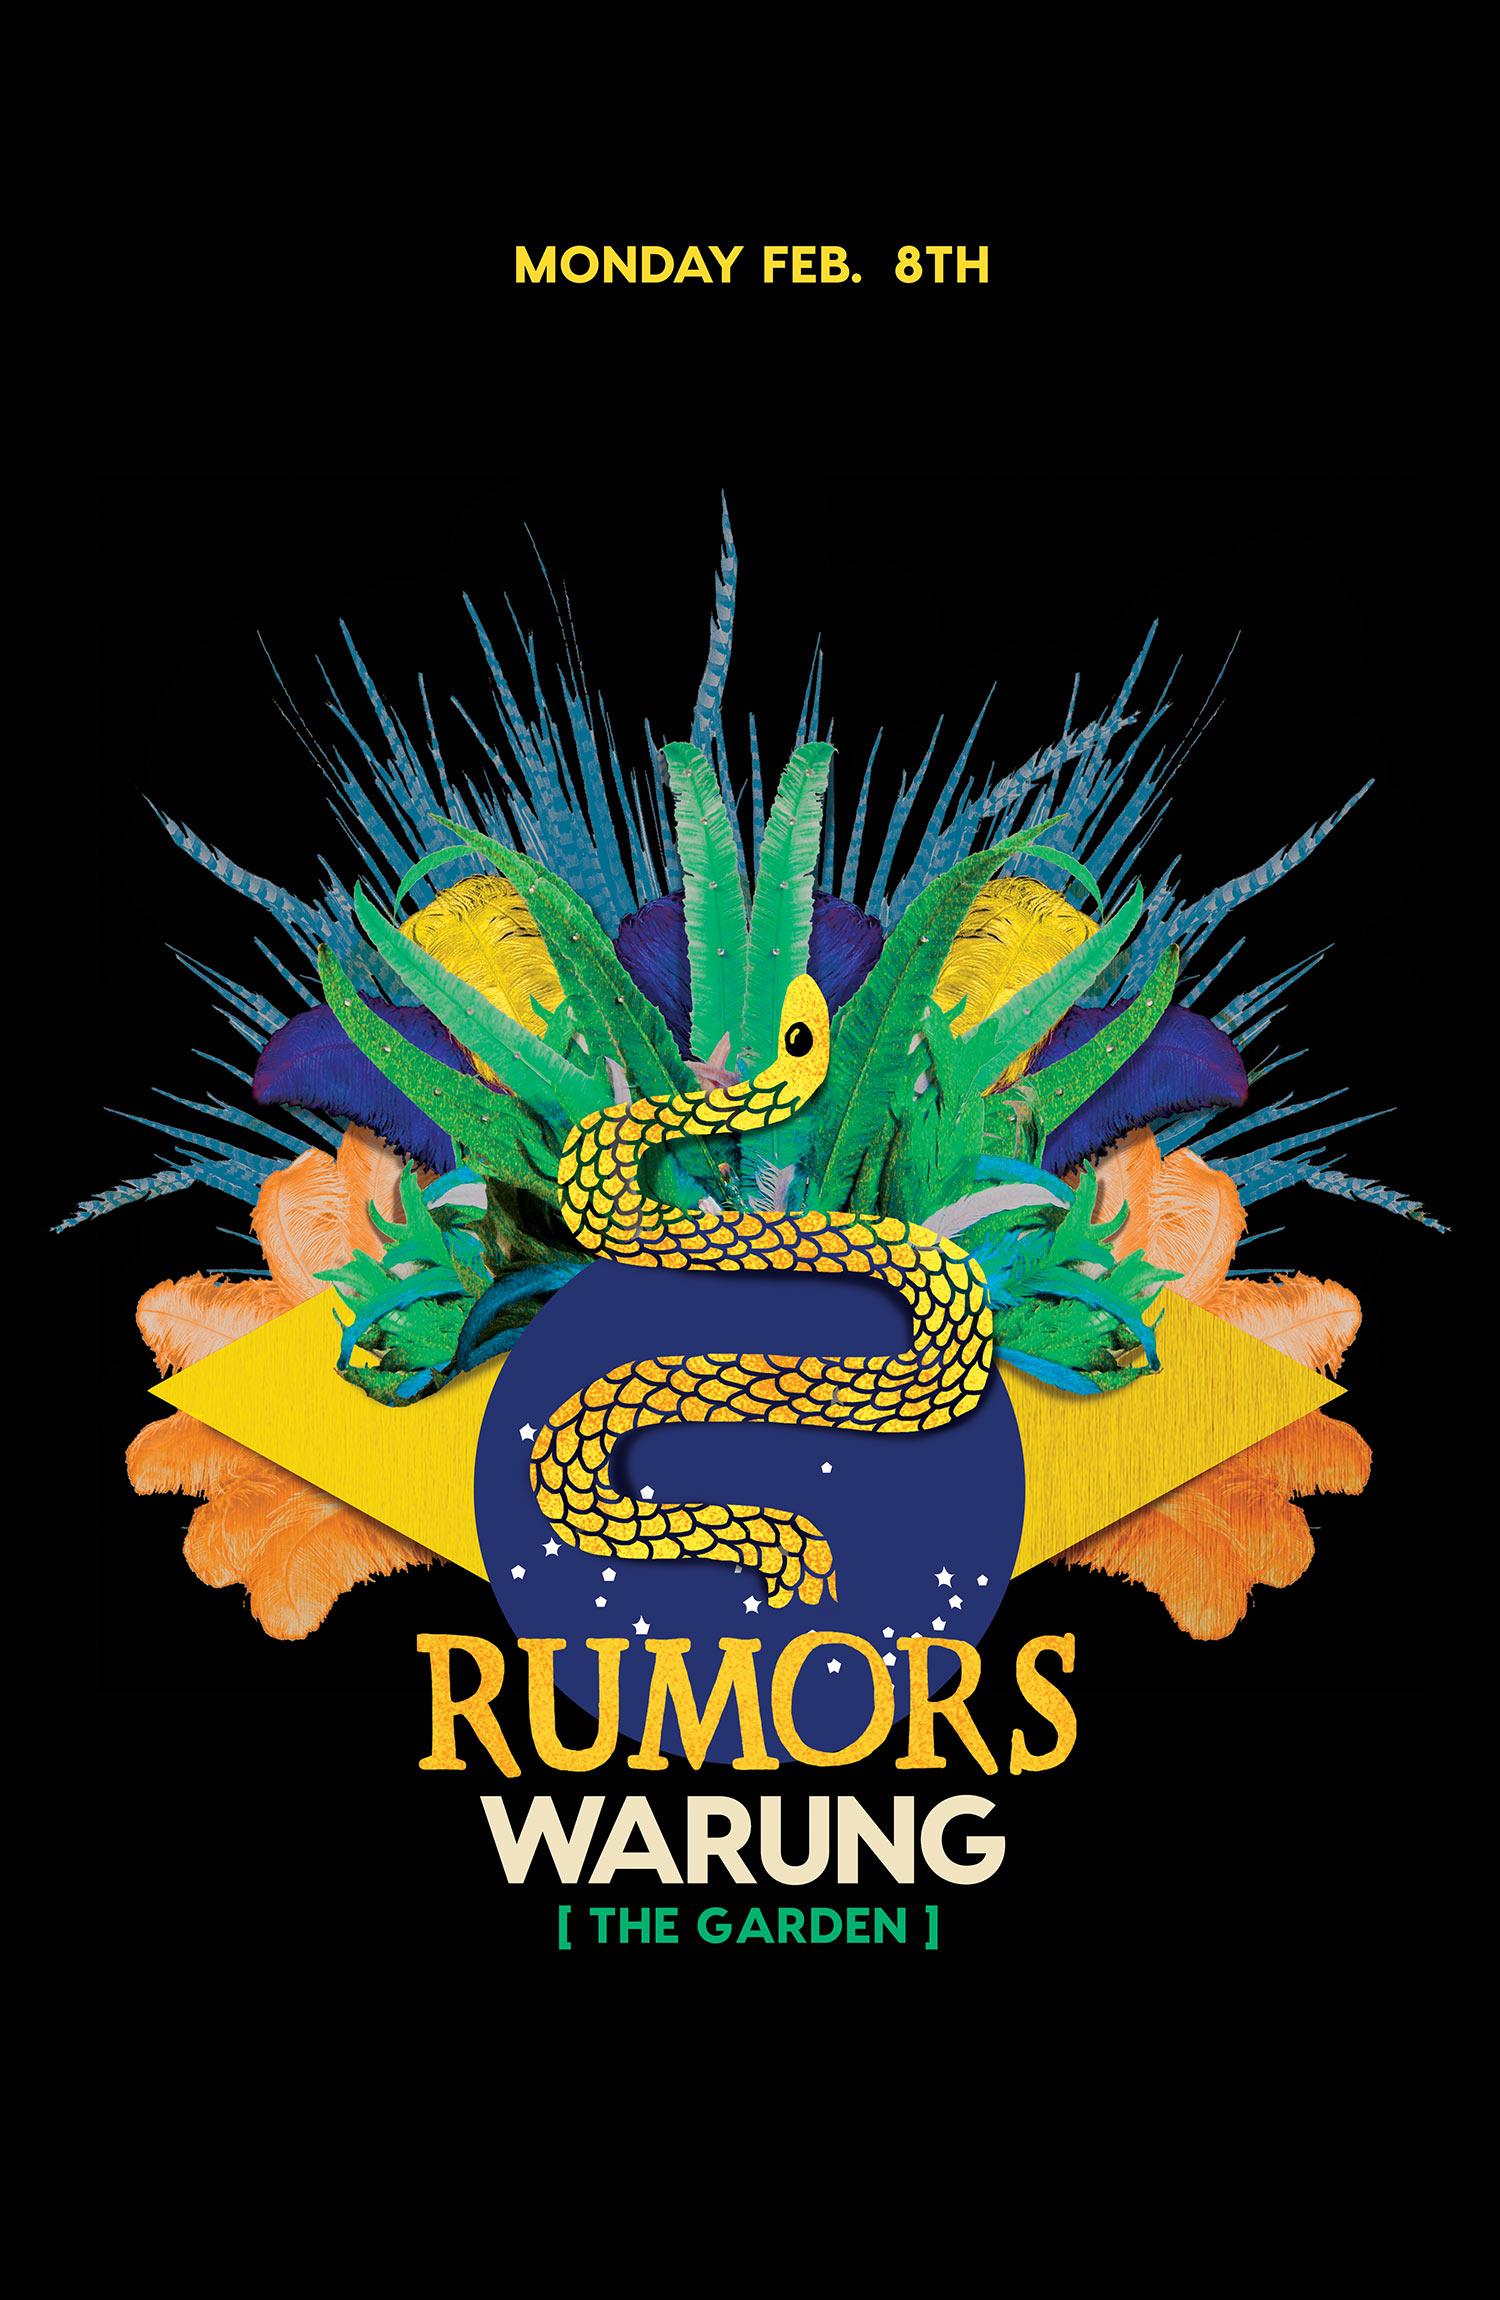 01-Rumors-Warung-Brasil.jpg